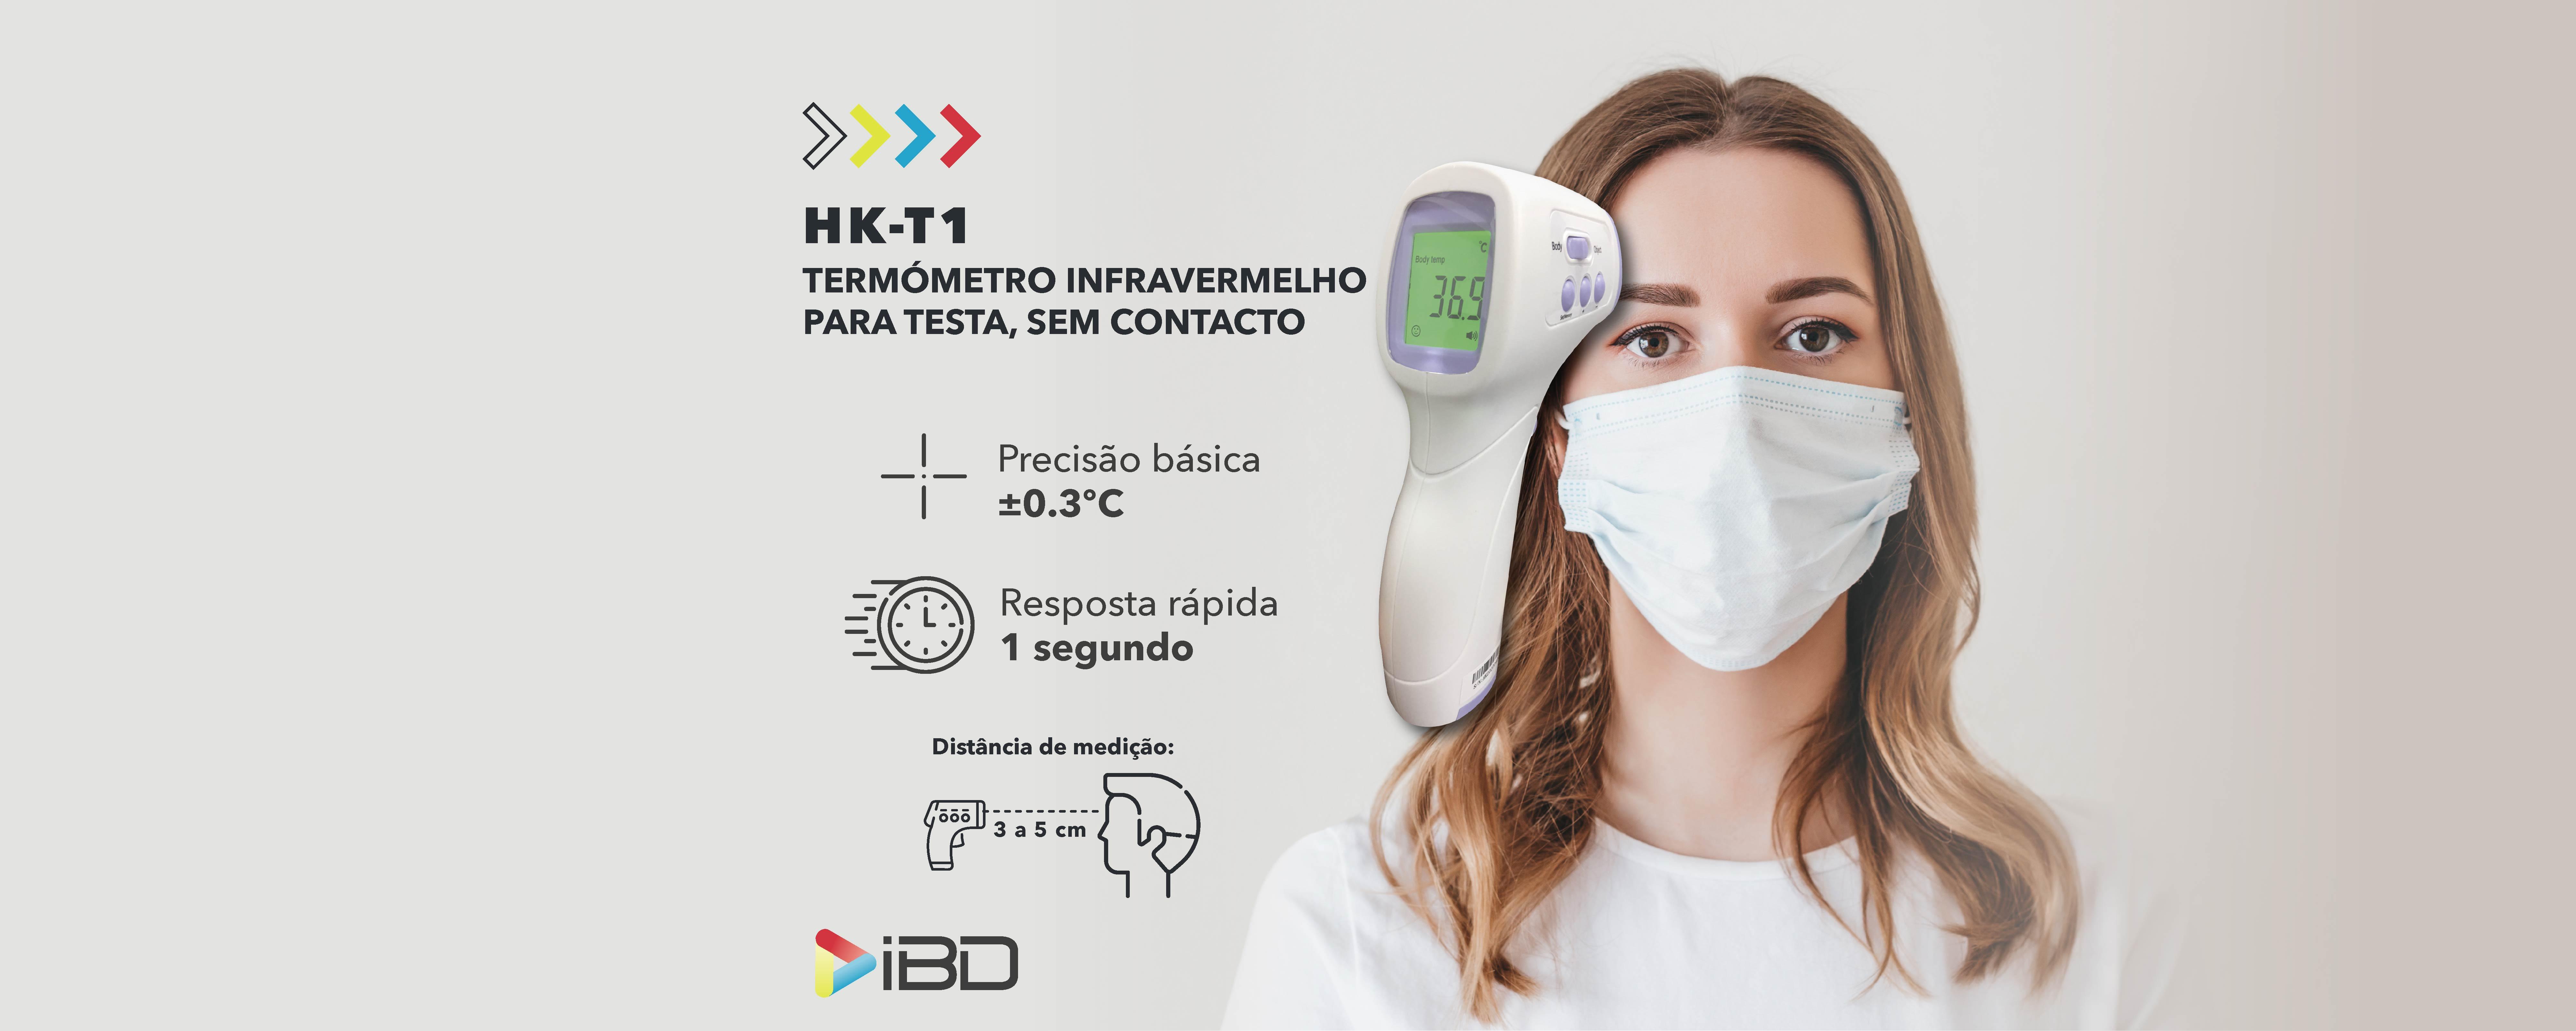 HK-T1